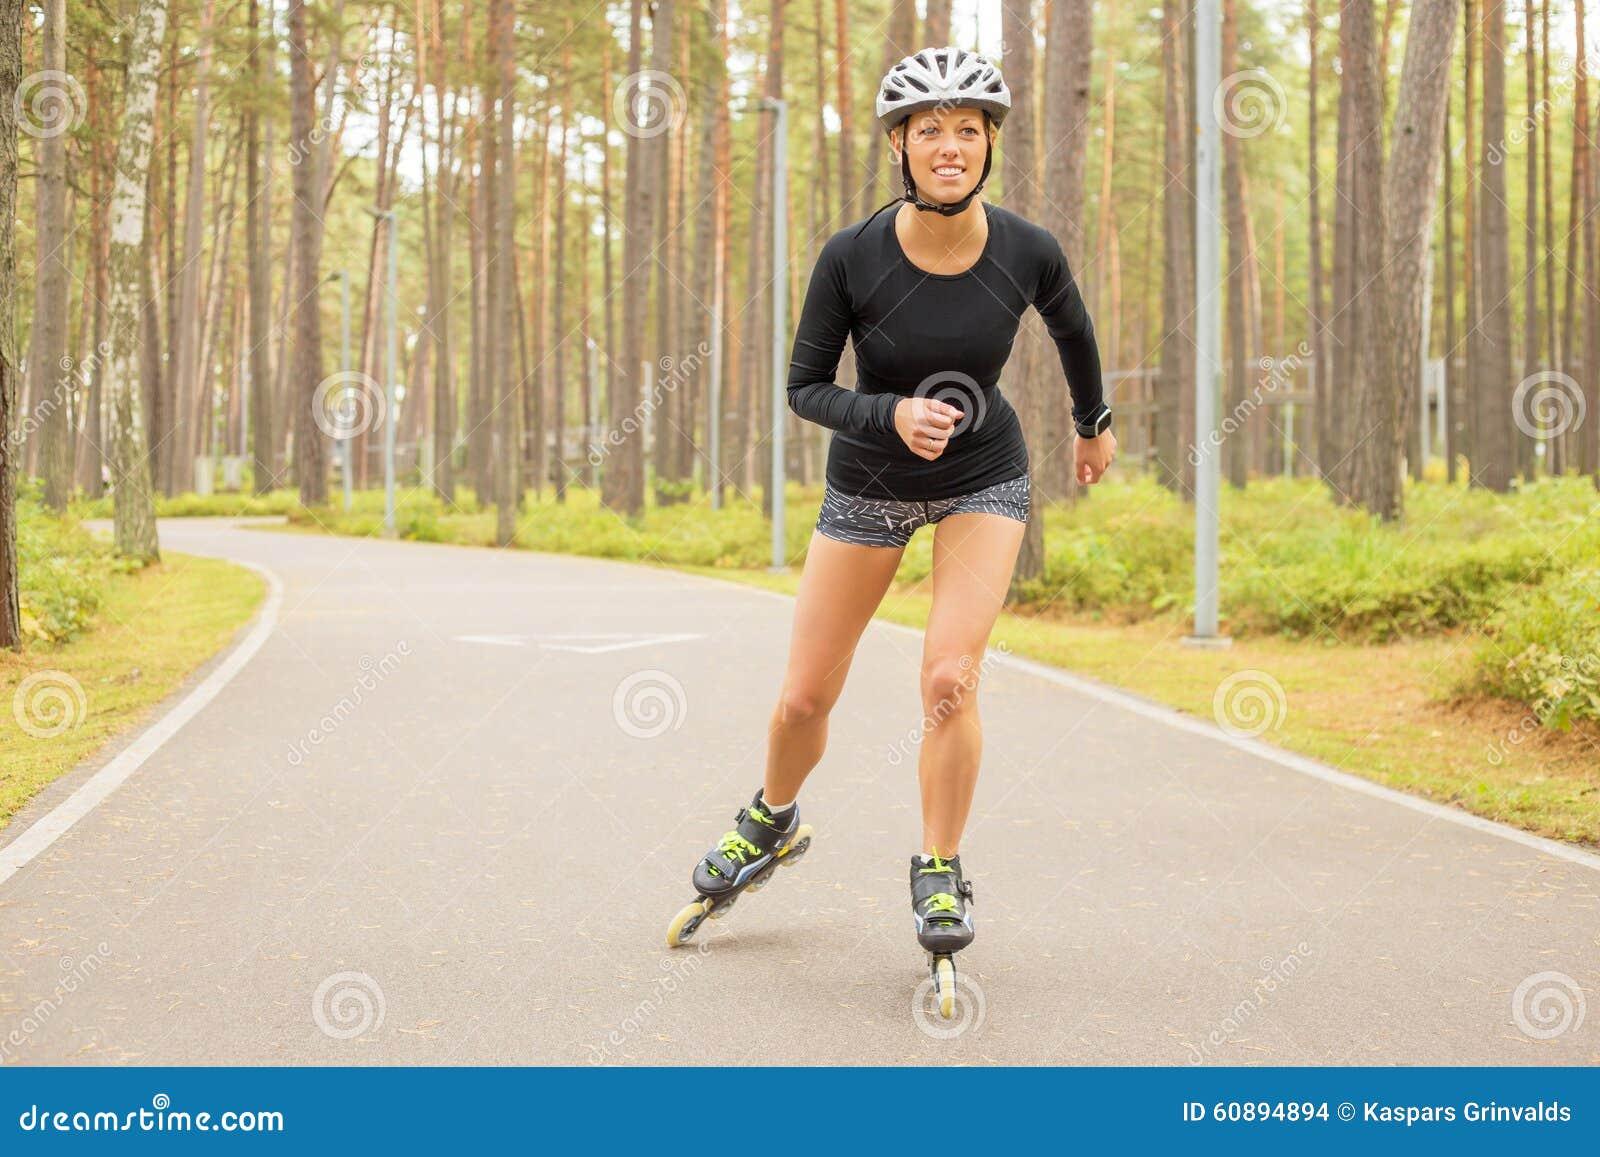 Vrouwenatleet op rolschaatsen